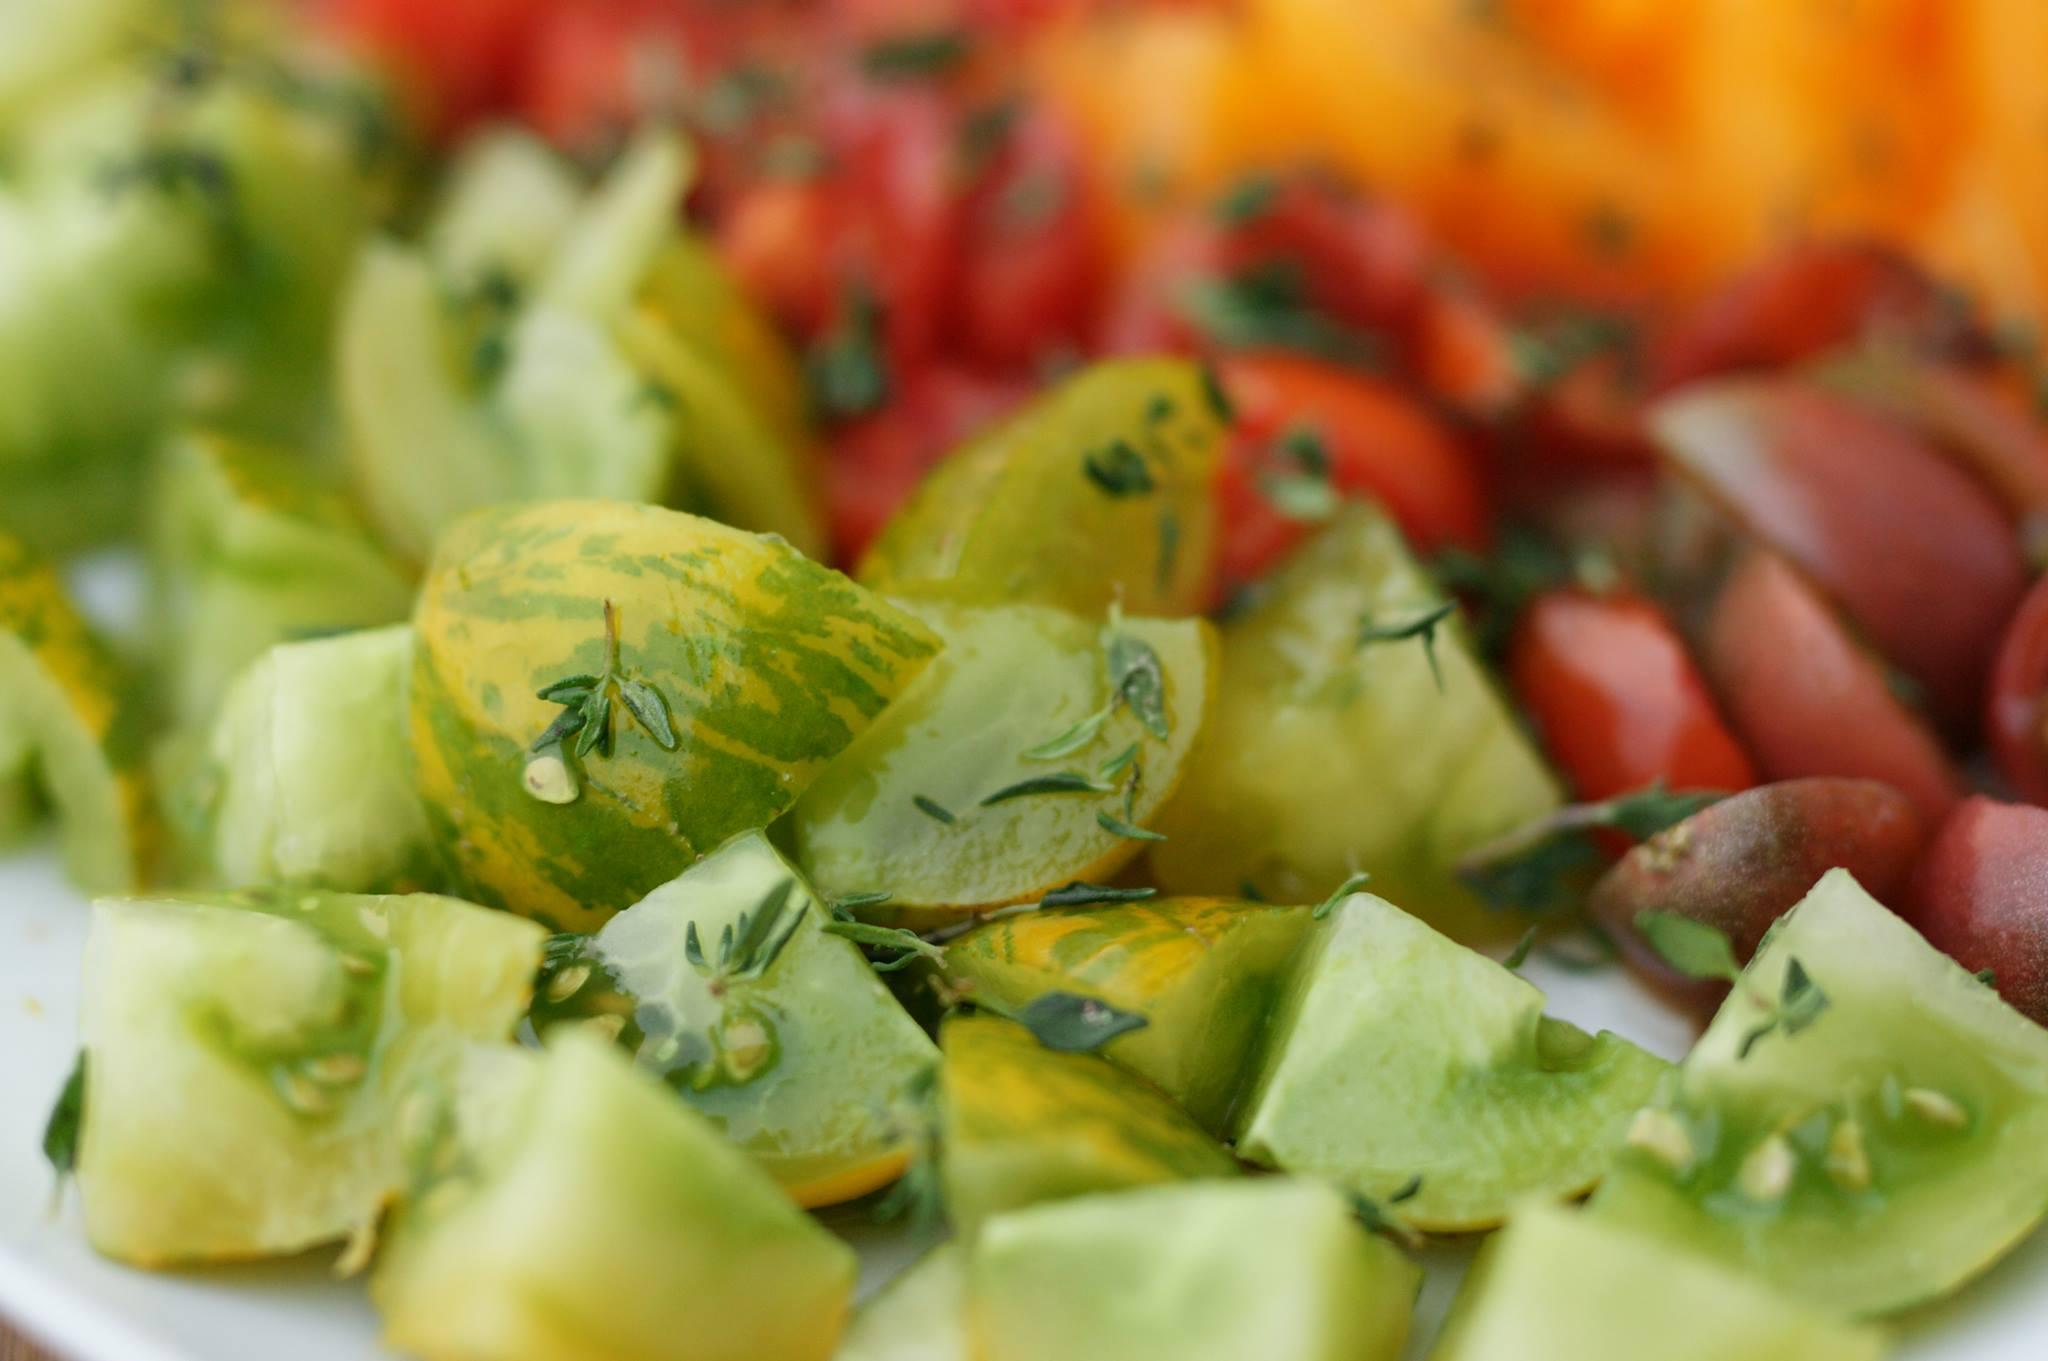 Les tomates vertes en cuisine tout savoir sur les fruits la cour d 39 org res - Cuisiner des tomates vertes ...